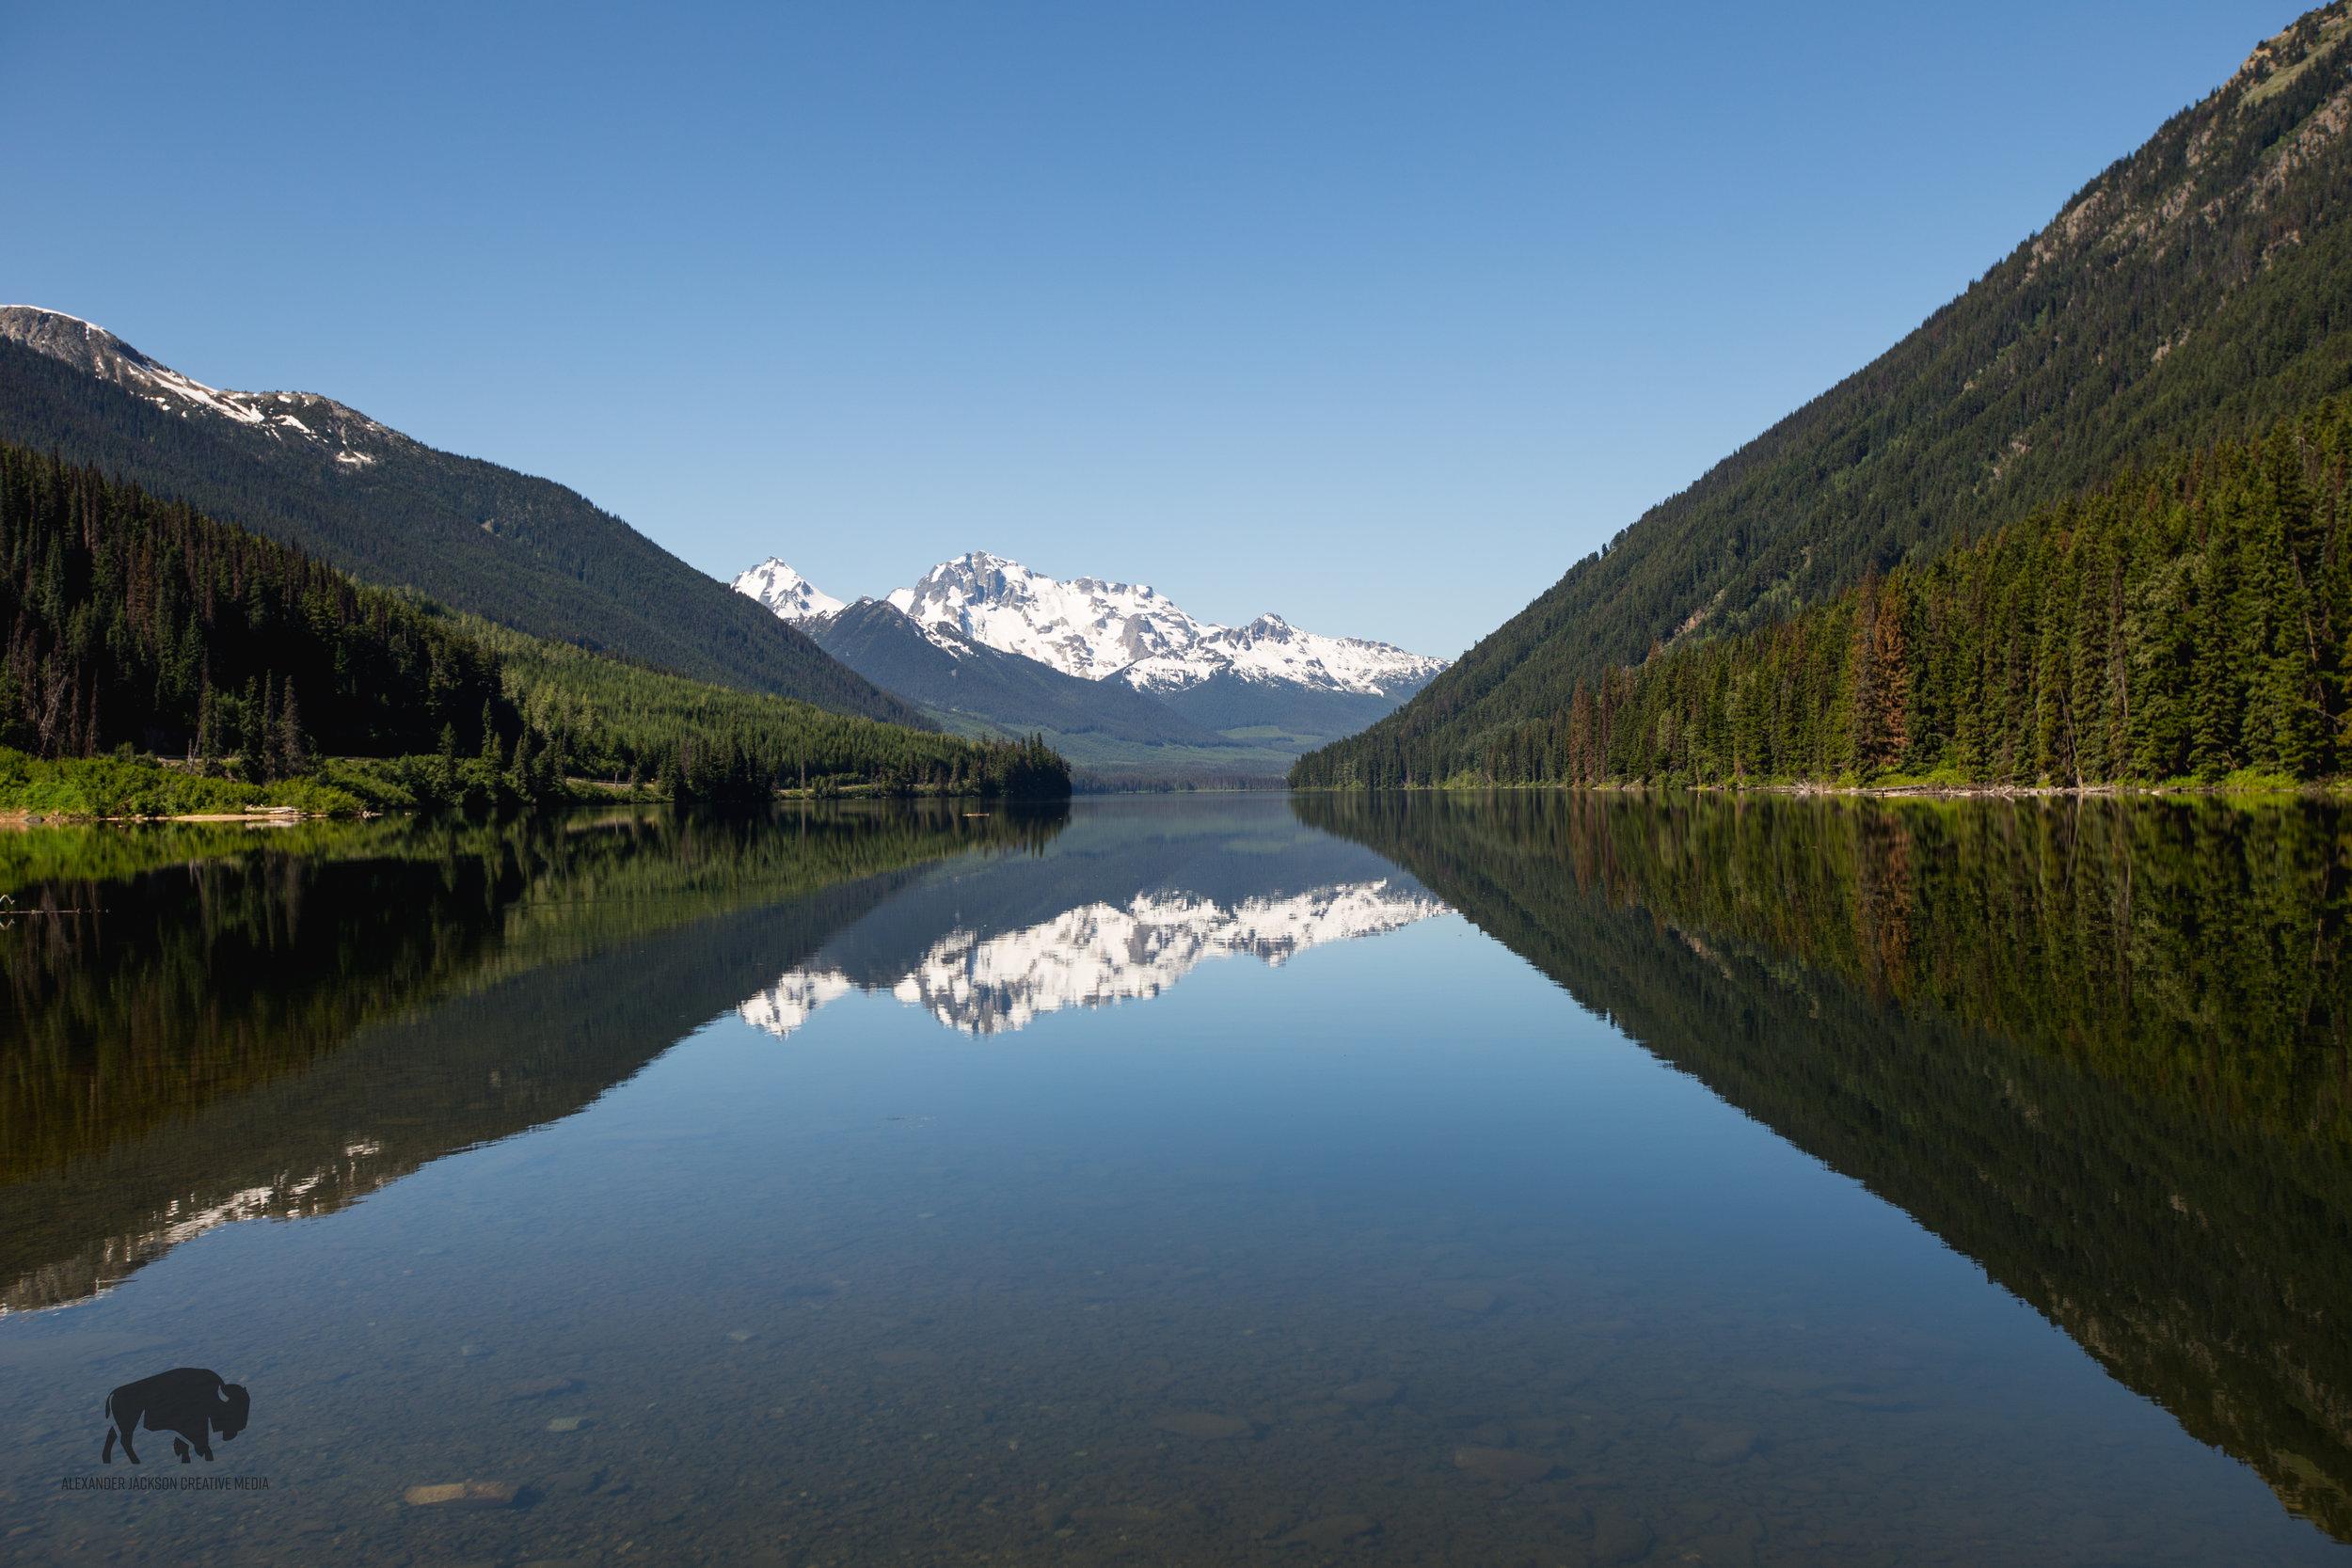 Duffey Lake, a good place to reflect...